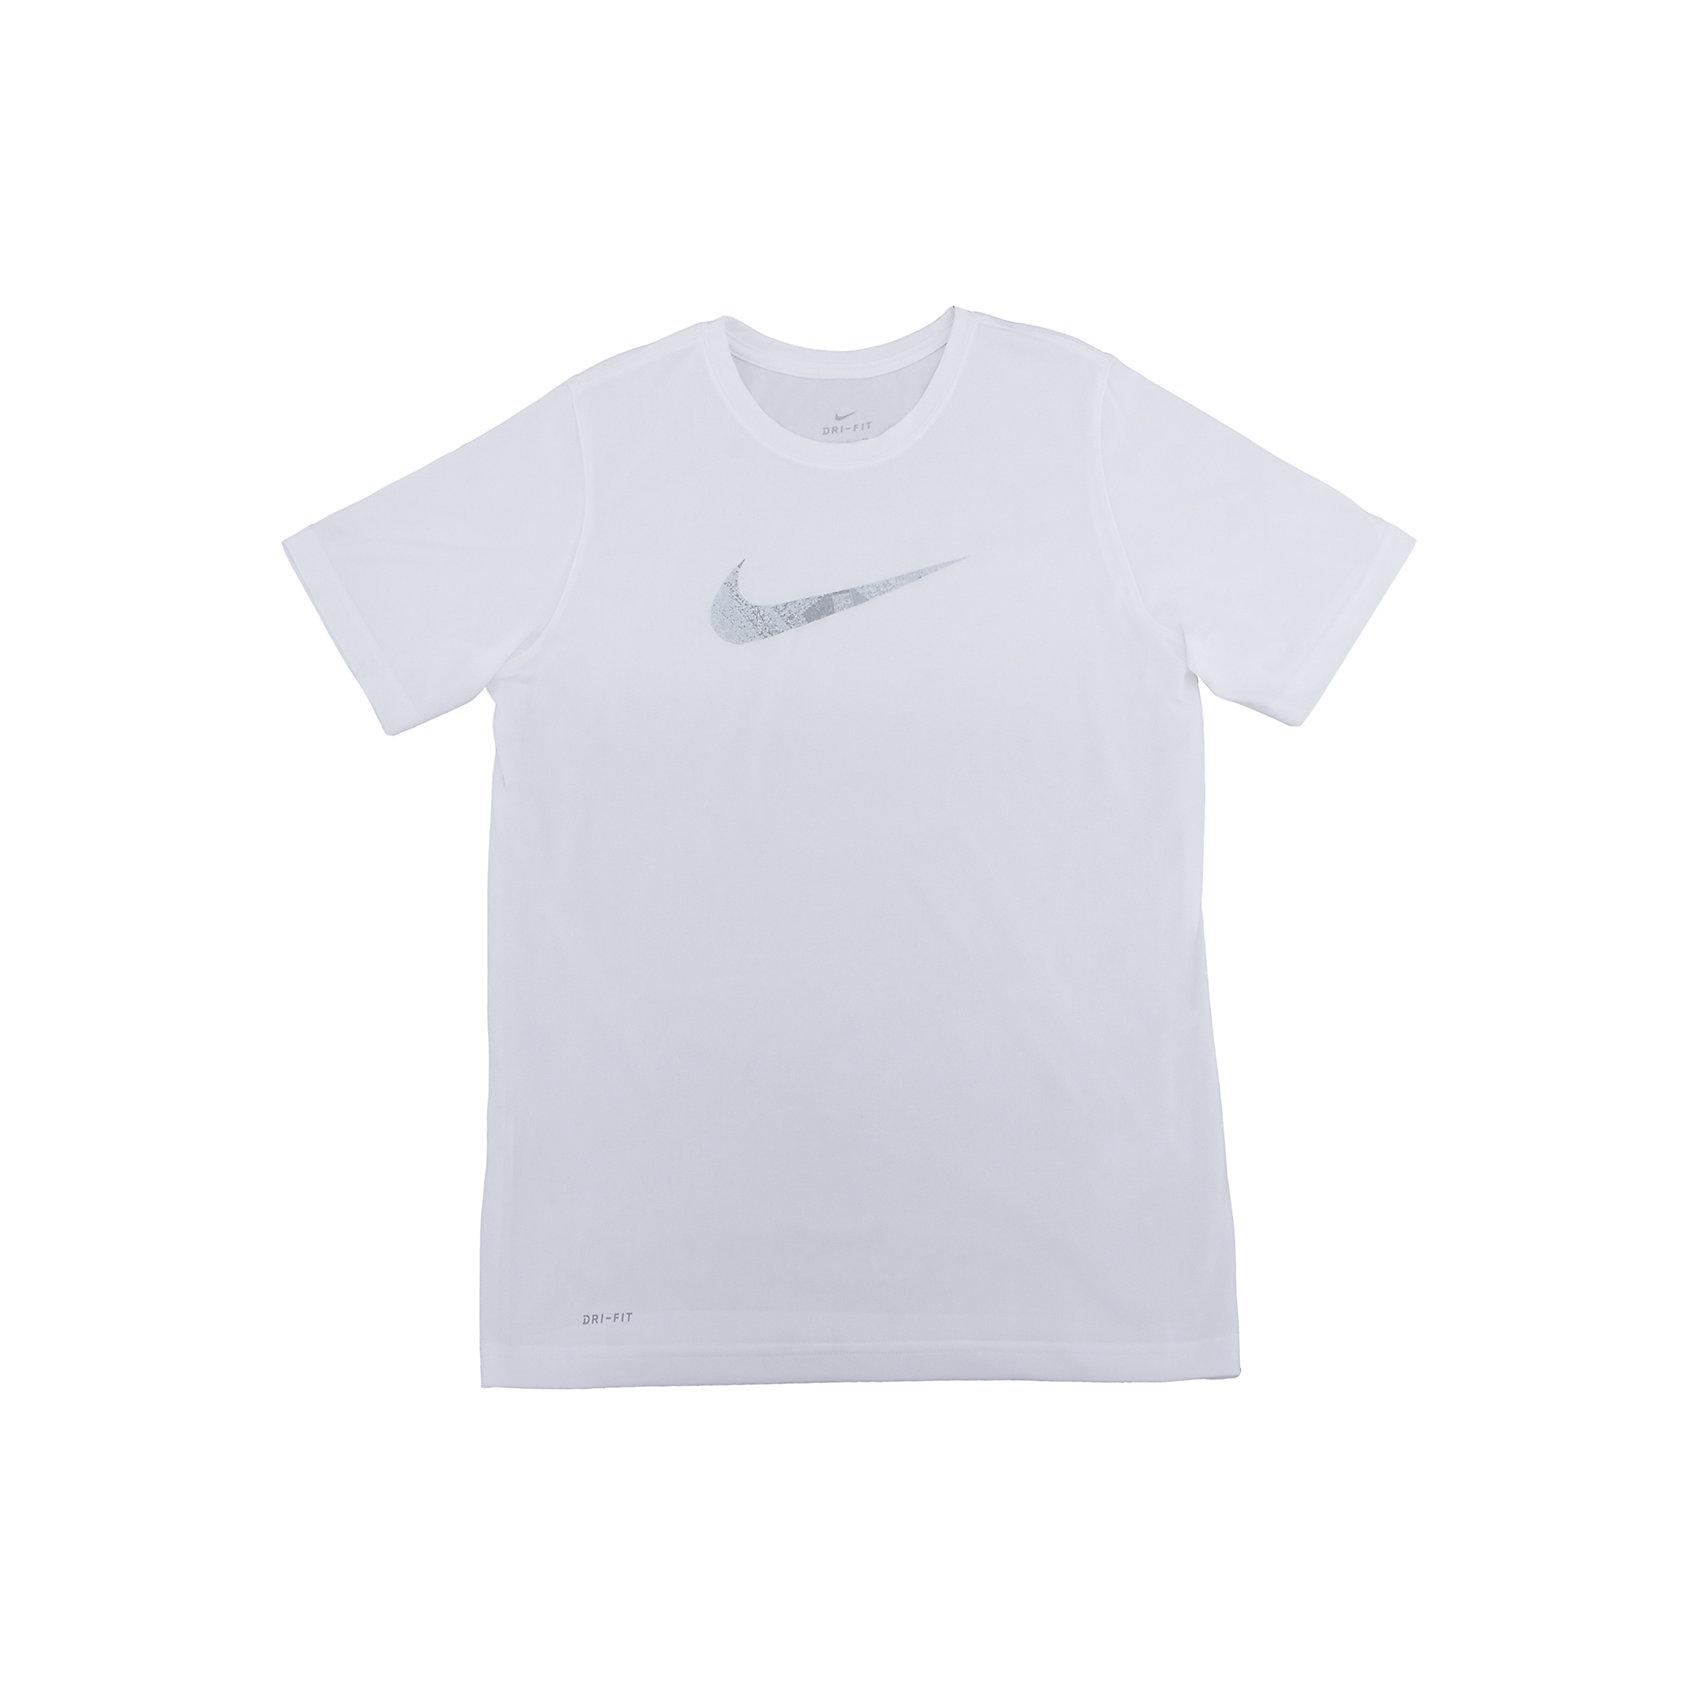 Футболка NIKEФутболки, поло и топы<br>Характеристики товара:<br><br>• цвет: белый<br>• состав ткани: 100% полиэстер<br>• сезон: лето<br>• особенности модели: спортивный стиль<br>• технология: Dri-FIT<br>• короткие рукава<br>• страна бренда: США<br>• страна изготовитель: Китай<br><br>Белая футболка Найк с влагоотводящей технологией Dri-FIT отличается мягкой и плотной обработкой горловины и рукавов. Спортивная футболка Nike выделяется стильным и продуманным дизайном. Такая футболка от Nike может выступать в роли тренировочной одежды. Эта модель детской футболки поможет обеспечить ребенку комфорт. <br><br>Футболку Nike (Найк) можно купить в нашем интернет-магазине.<br><br>Ширина мм: 199<br>Глубина мм: 10<br>Высота мм: 161<br>Вес г: 151<br>Цвет: белый<br>Возраст от месяцев: 168<br>Возраст до месяцев: 180<br>Пол: Унисекс<br>Возраст: Детский<br>Размер: 158/170,147/158,135/140,128/134,122/128<br>SKU: 6921361